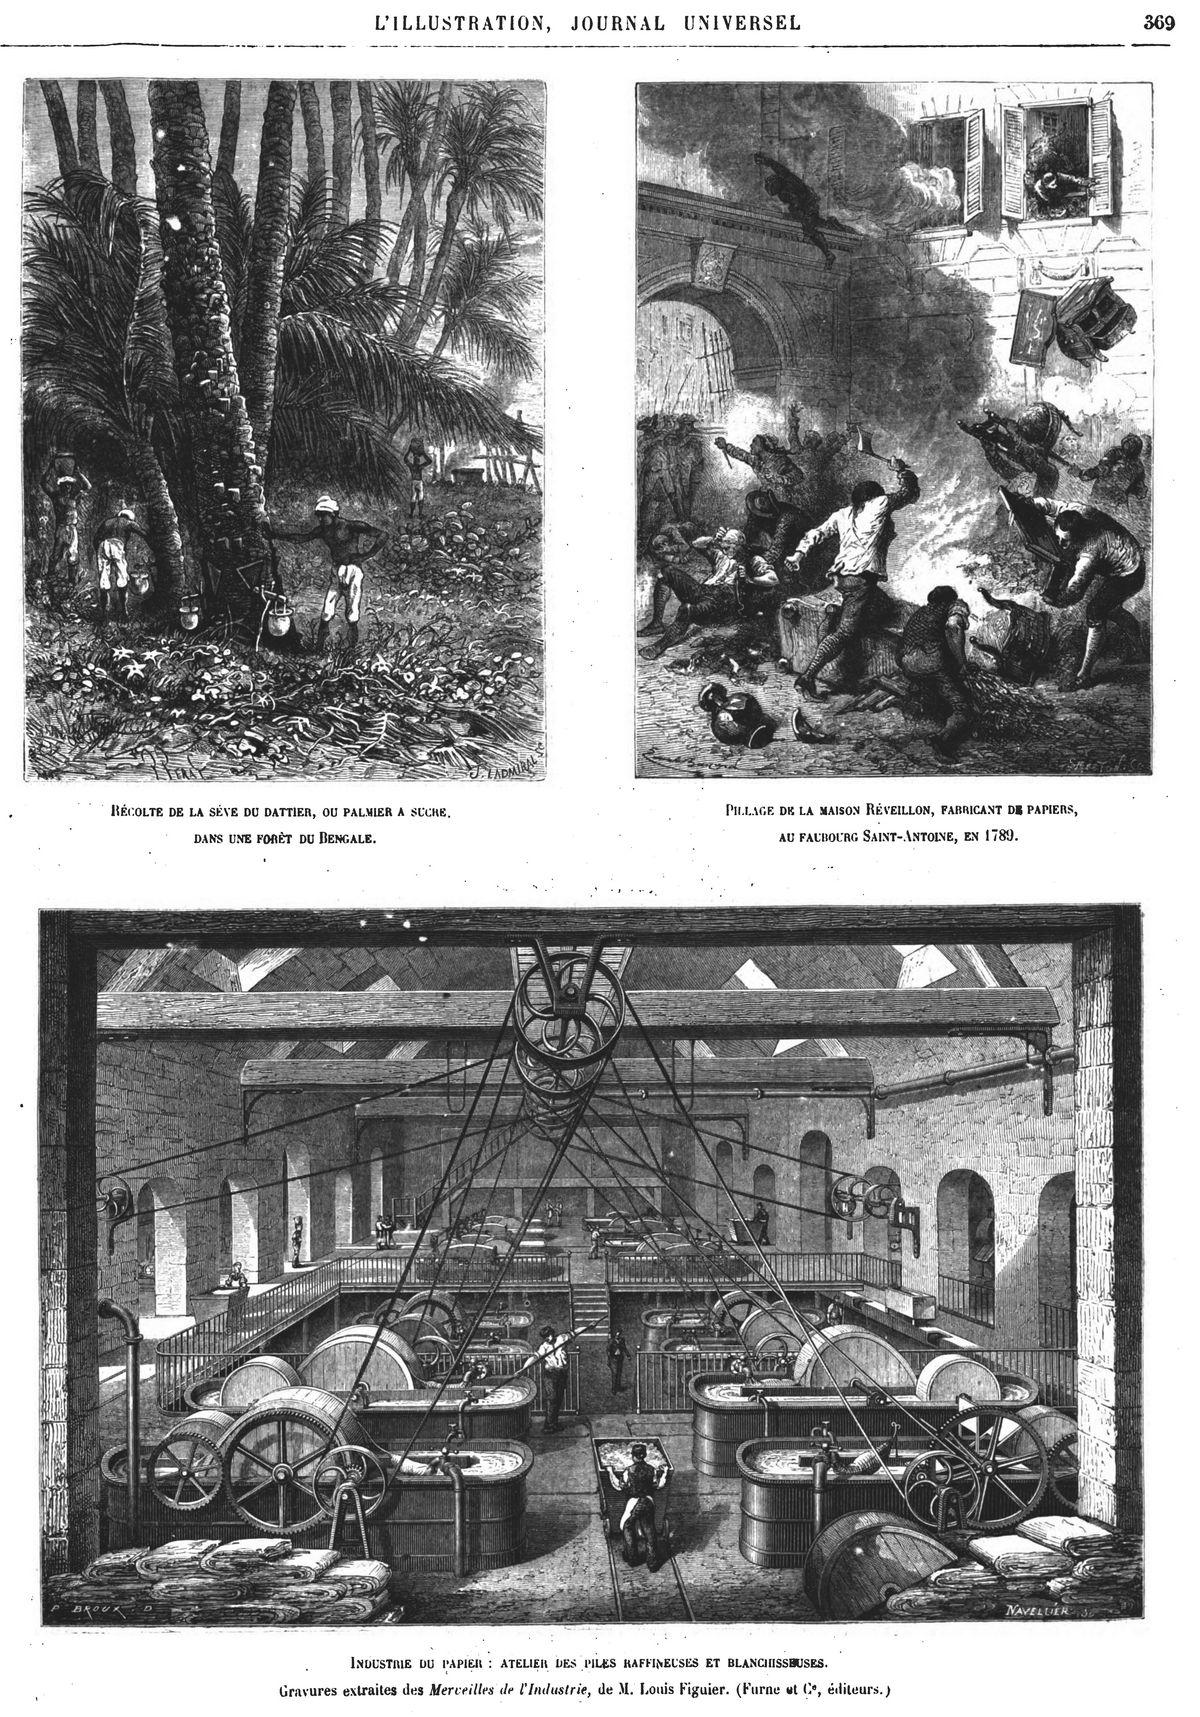 Récolte de la séve du dattier ou palmier à sucre dans une forêt du Bengale; l'illage de la maison Réveillon, fabricant de papier, au faubourg Saint-Antoine, en 1789; Industrie du papier: atelier des piles raffineuses et blanchisseuses.